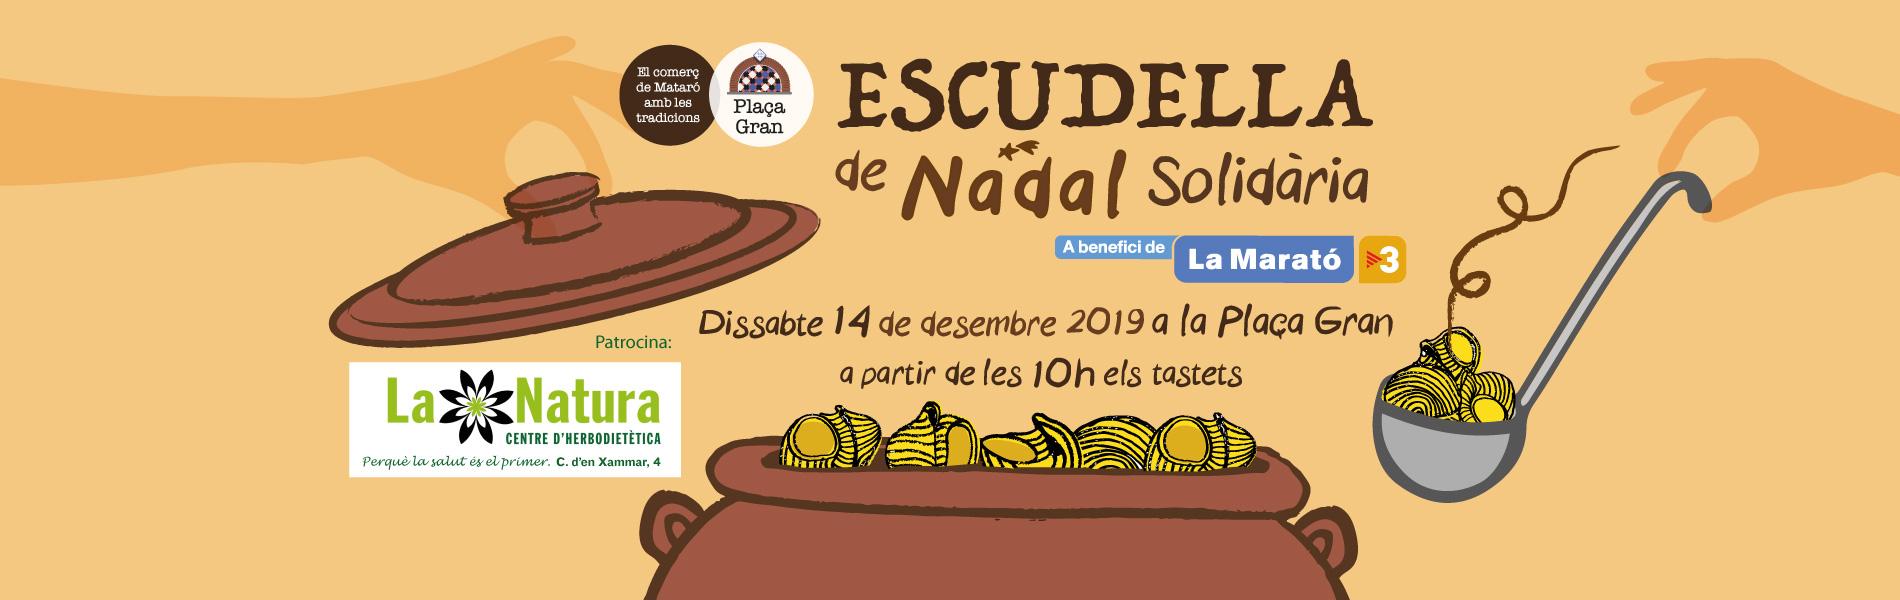 SLIDE_escudella-2019-2-1